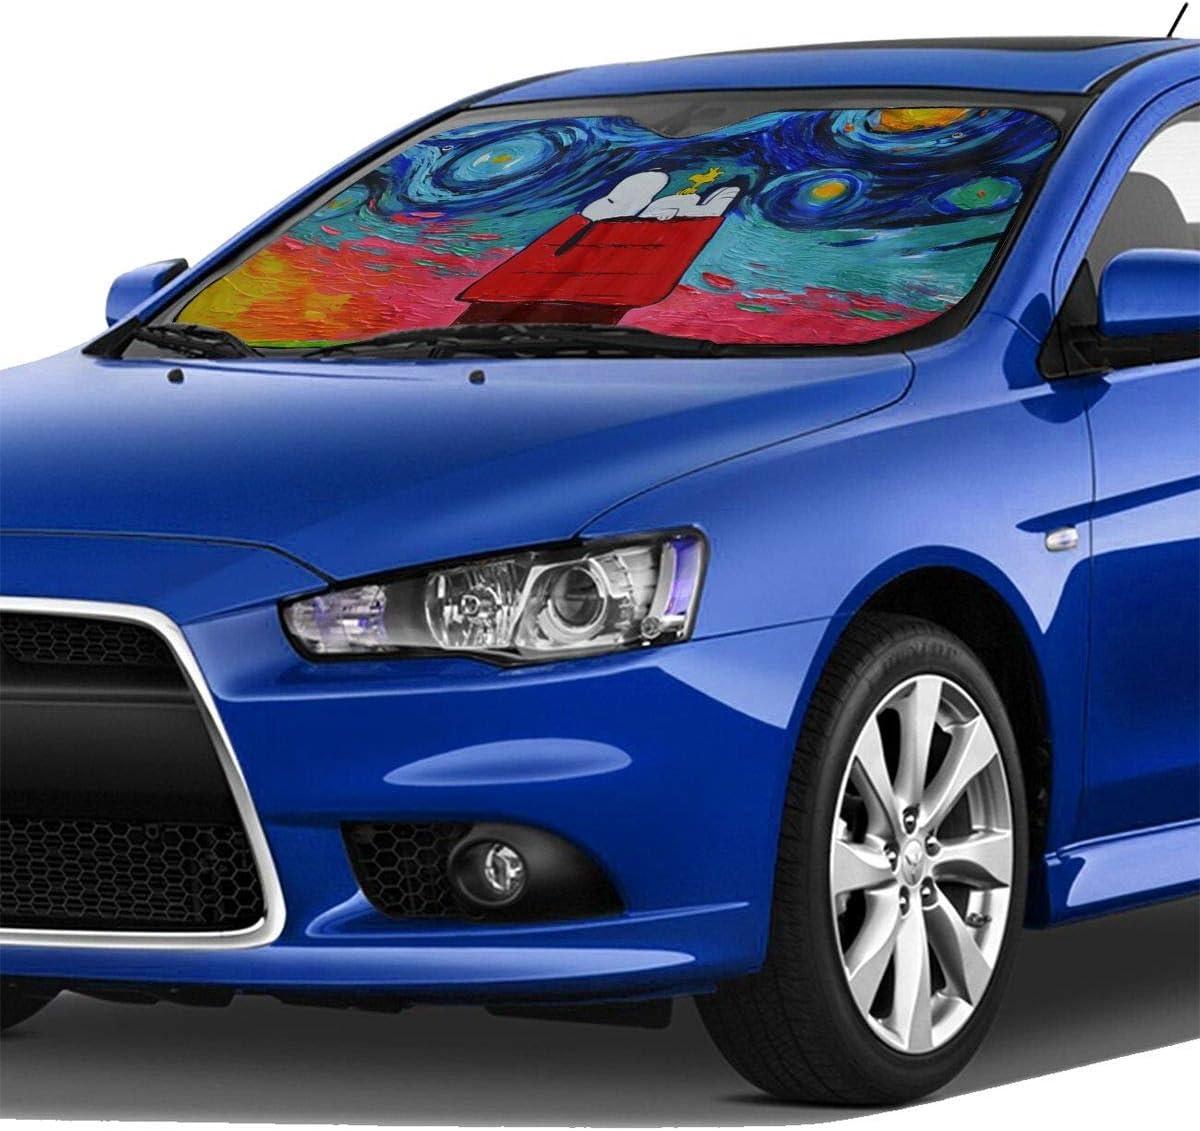 Sonnenschutz f/ürs Auto h/ält das Fahrzeug k/ühl und blockiert UV-Strahlen Windschutzscheibe Windschutzscheibe ZXHGLL Snoopy Watercolor Auto Sonnenschutz